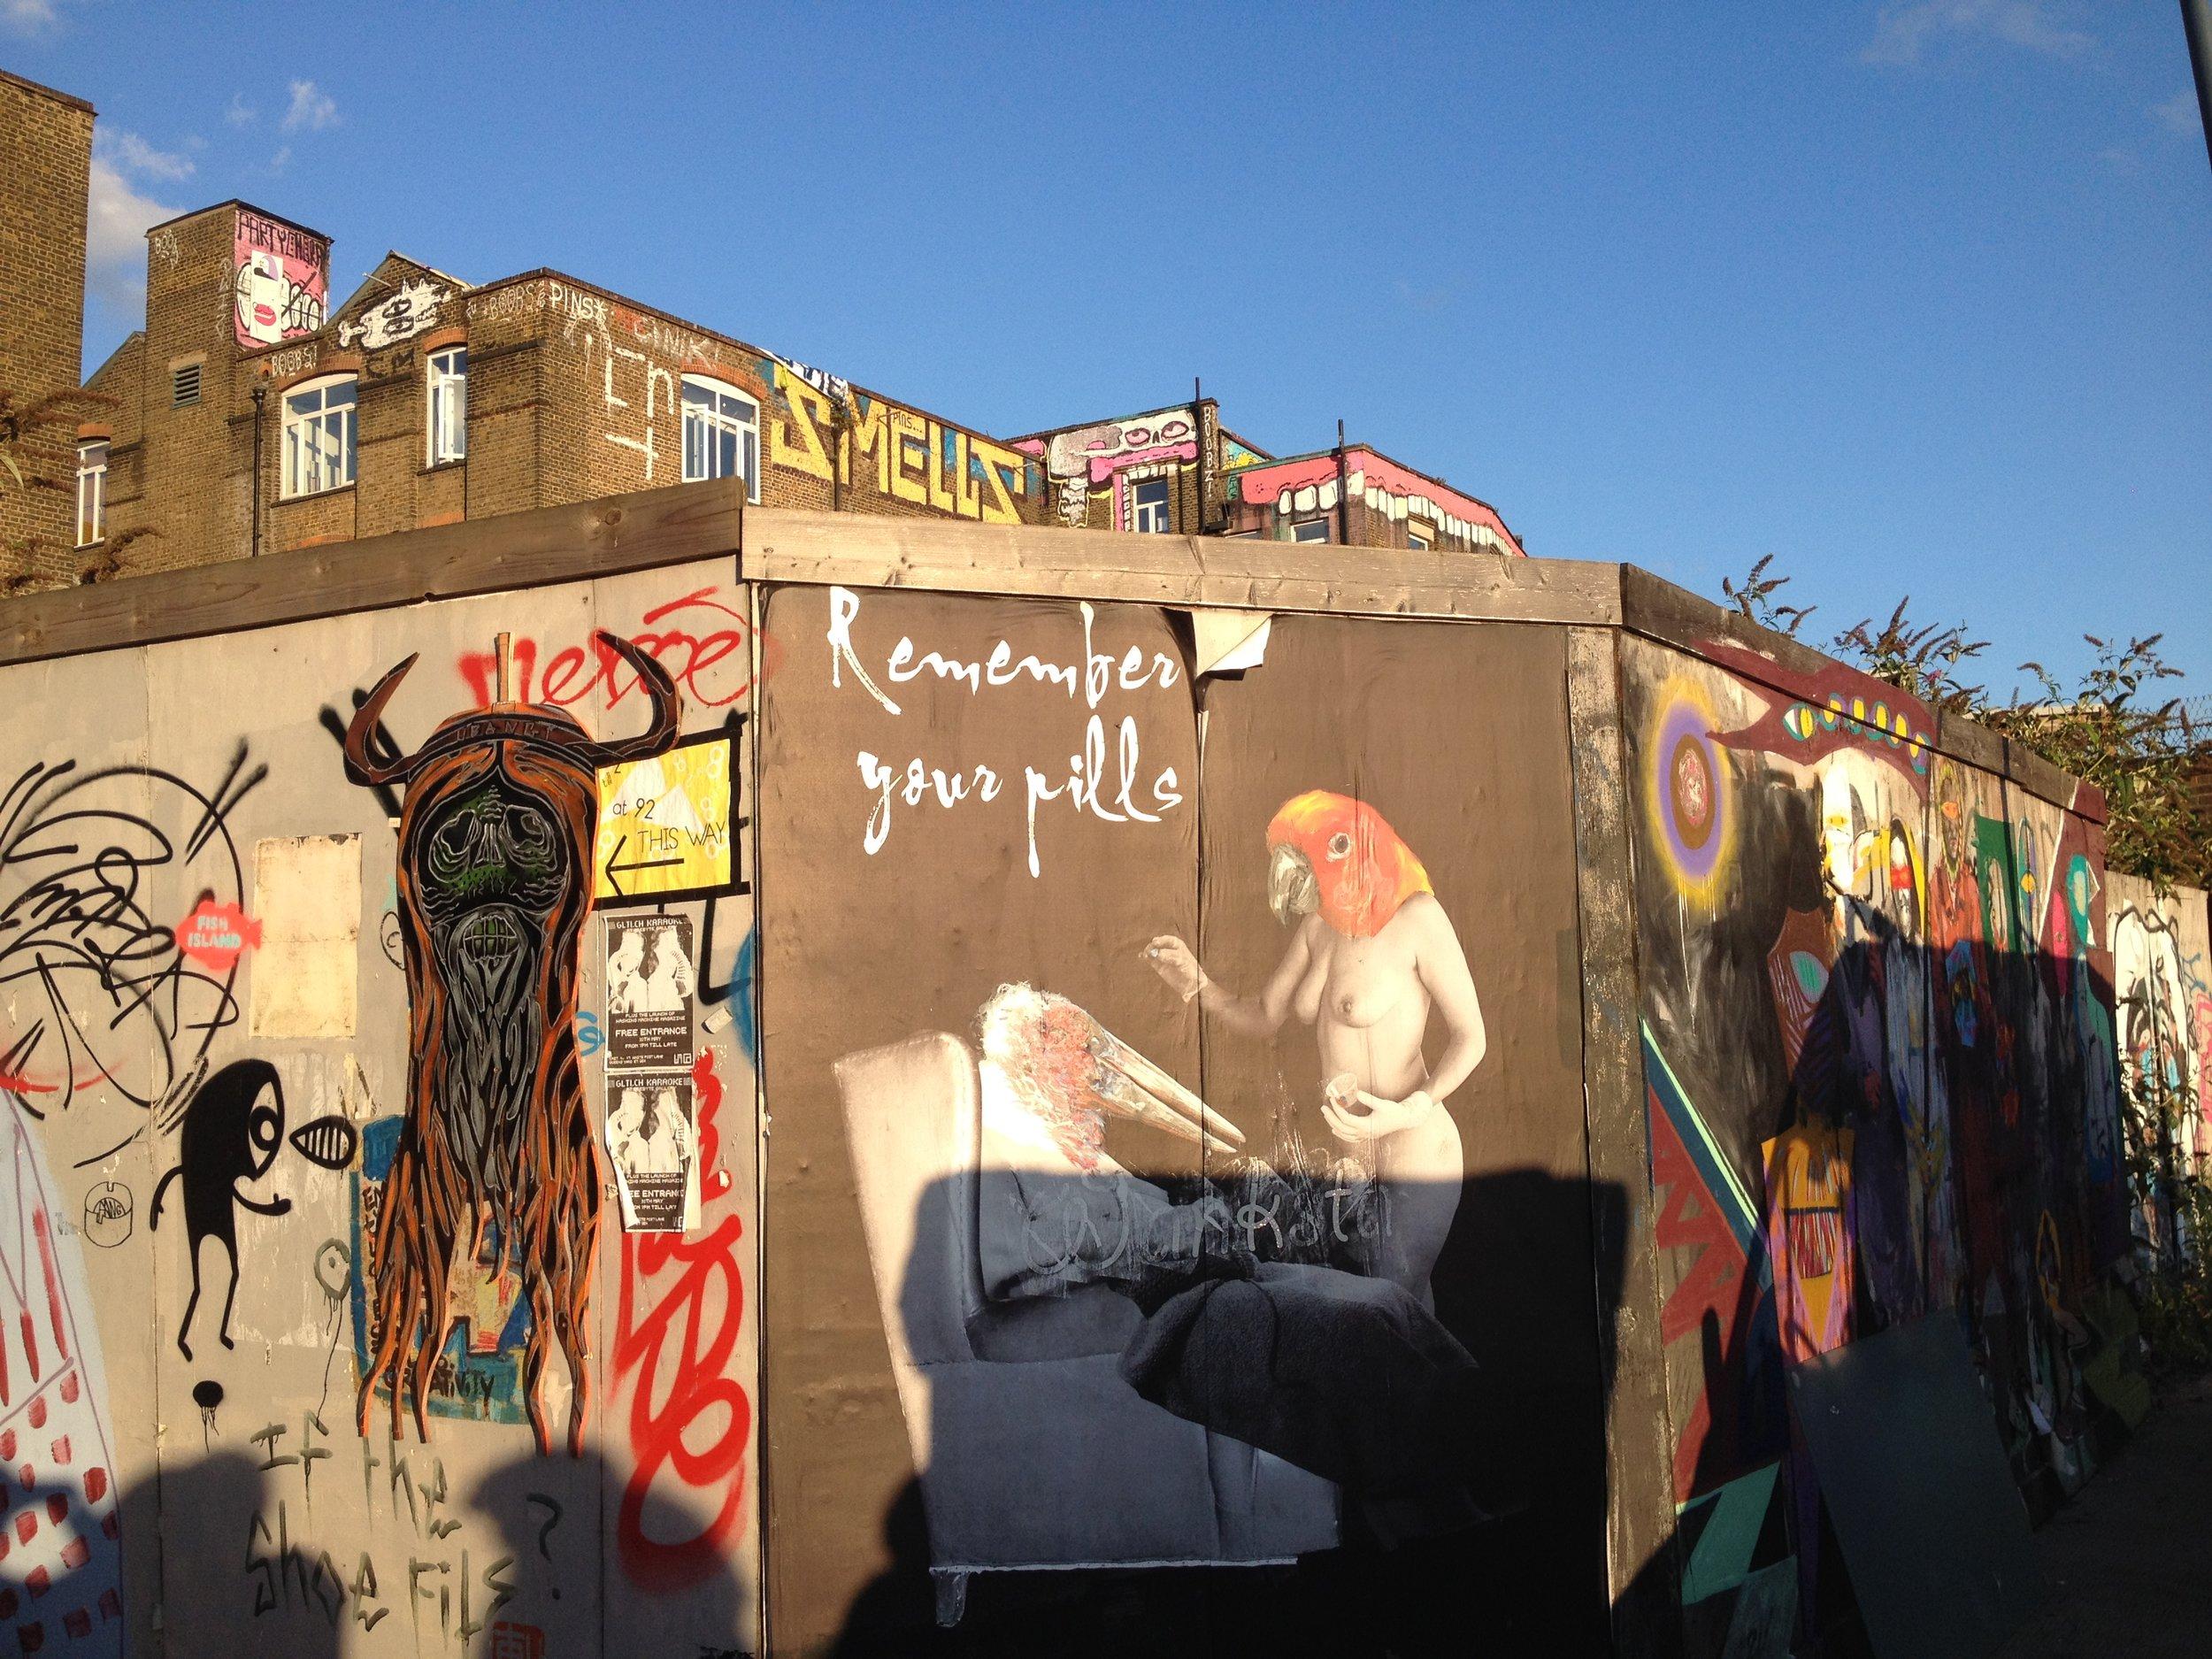 Street art in Hackney Wick.